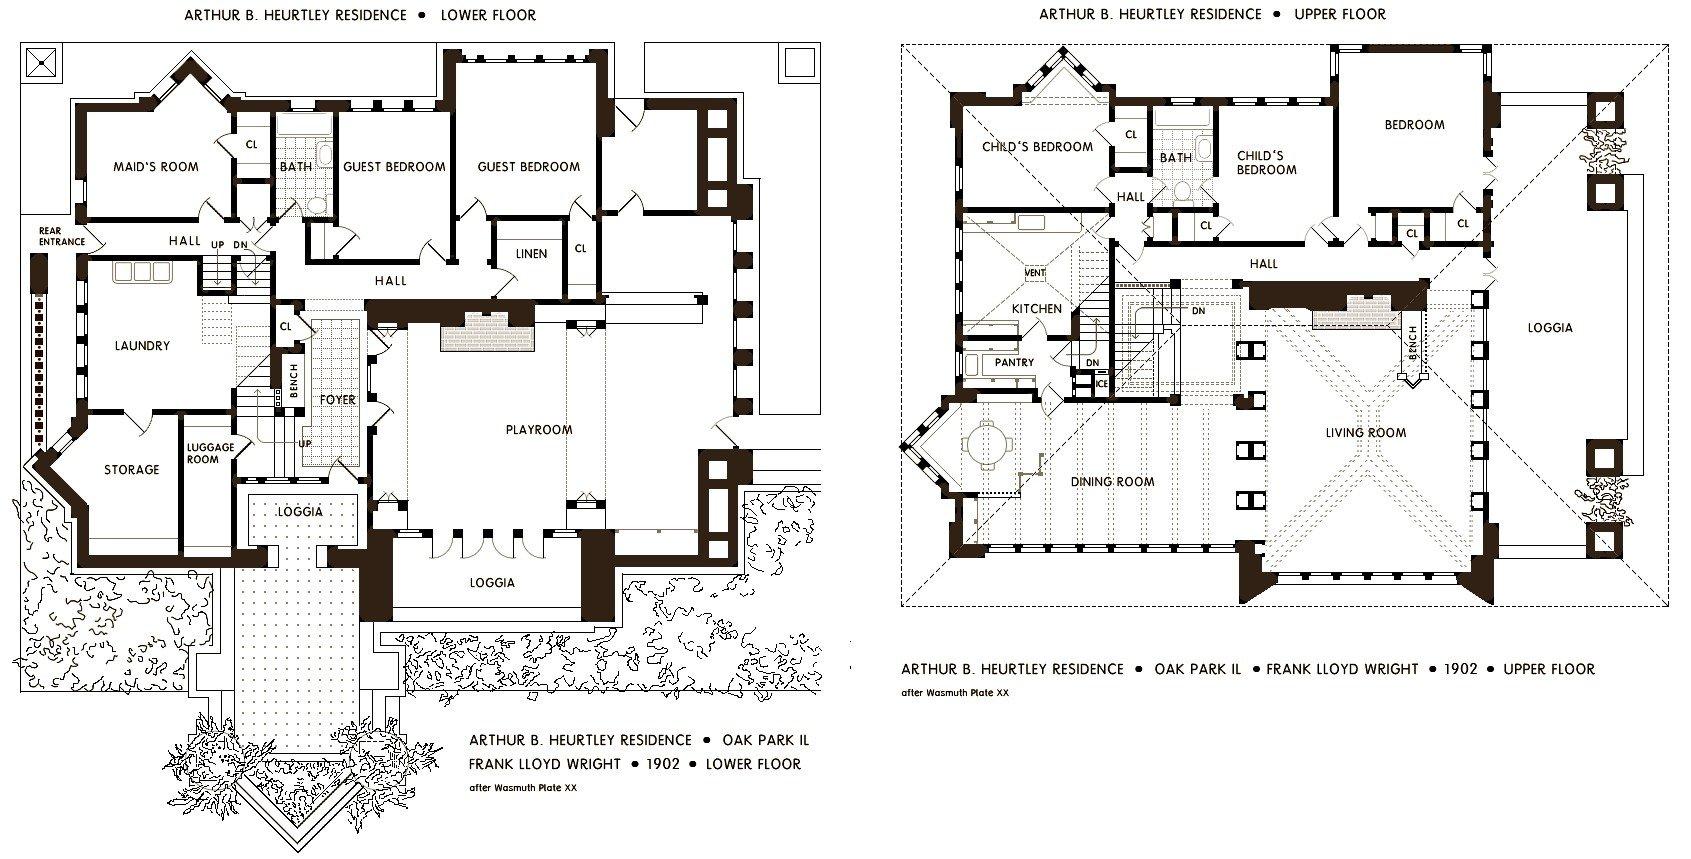 Arthur Heurtley House floor plans